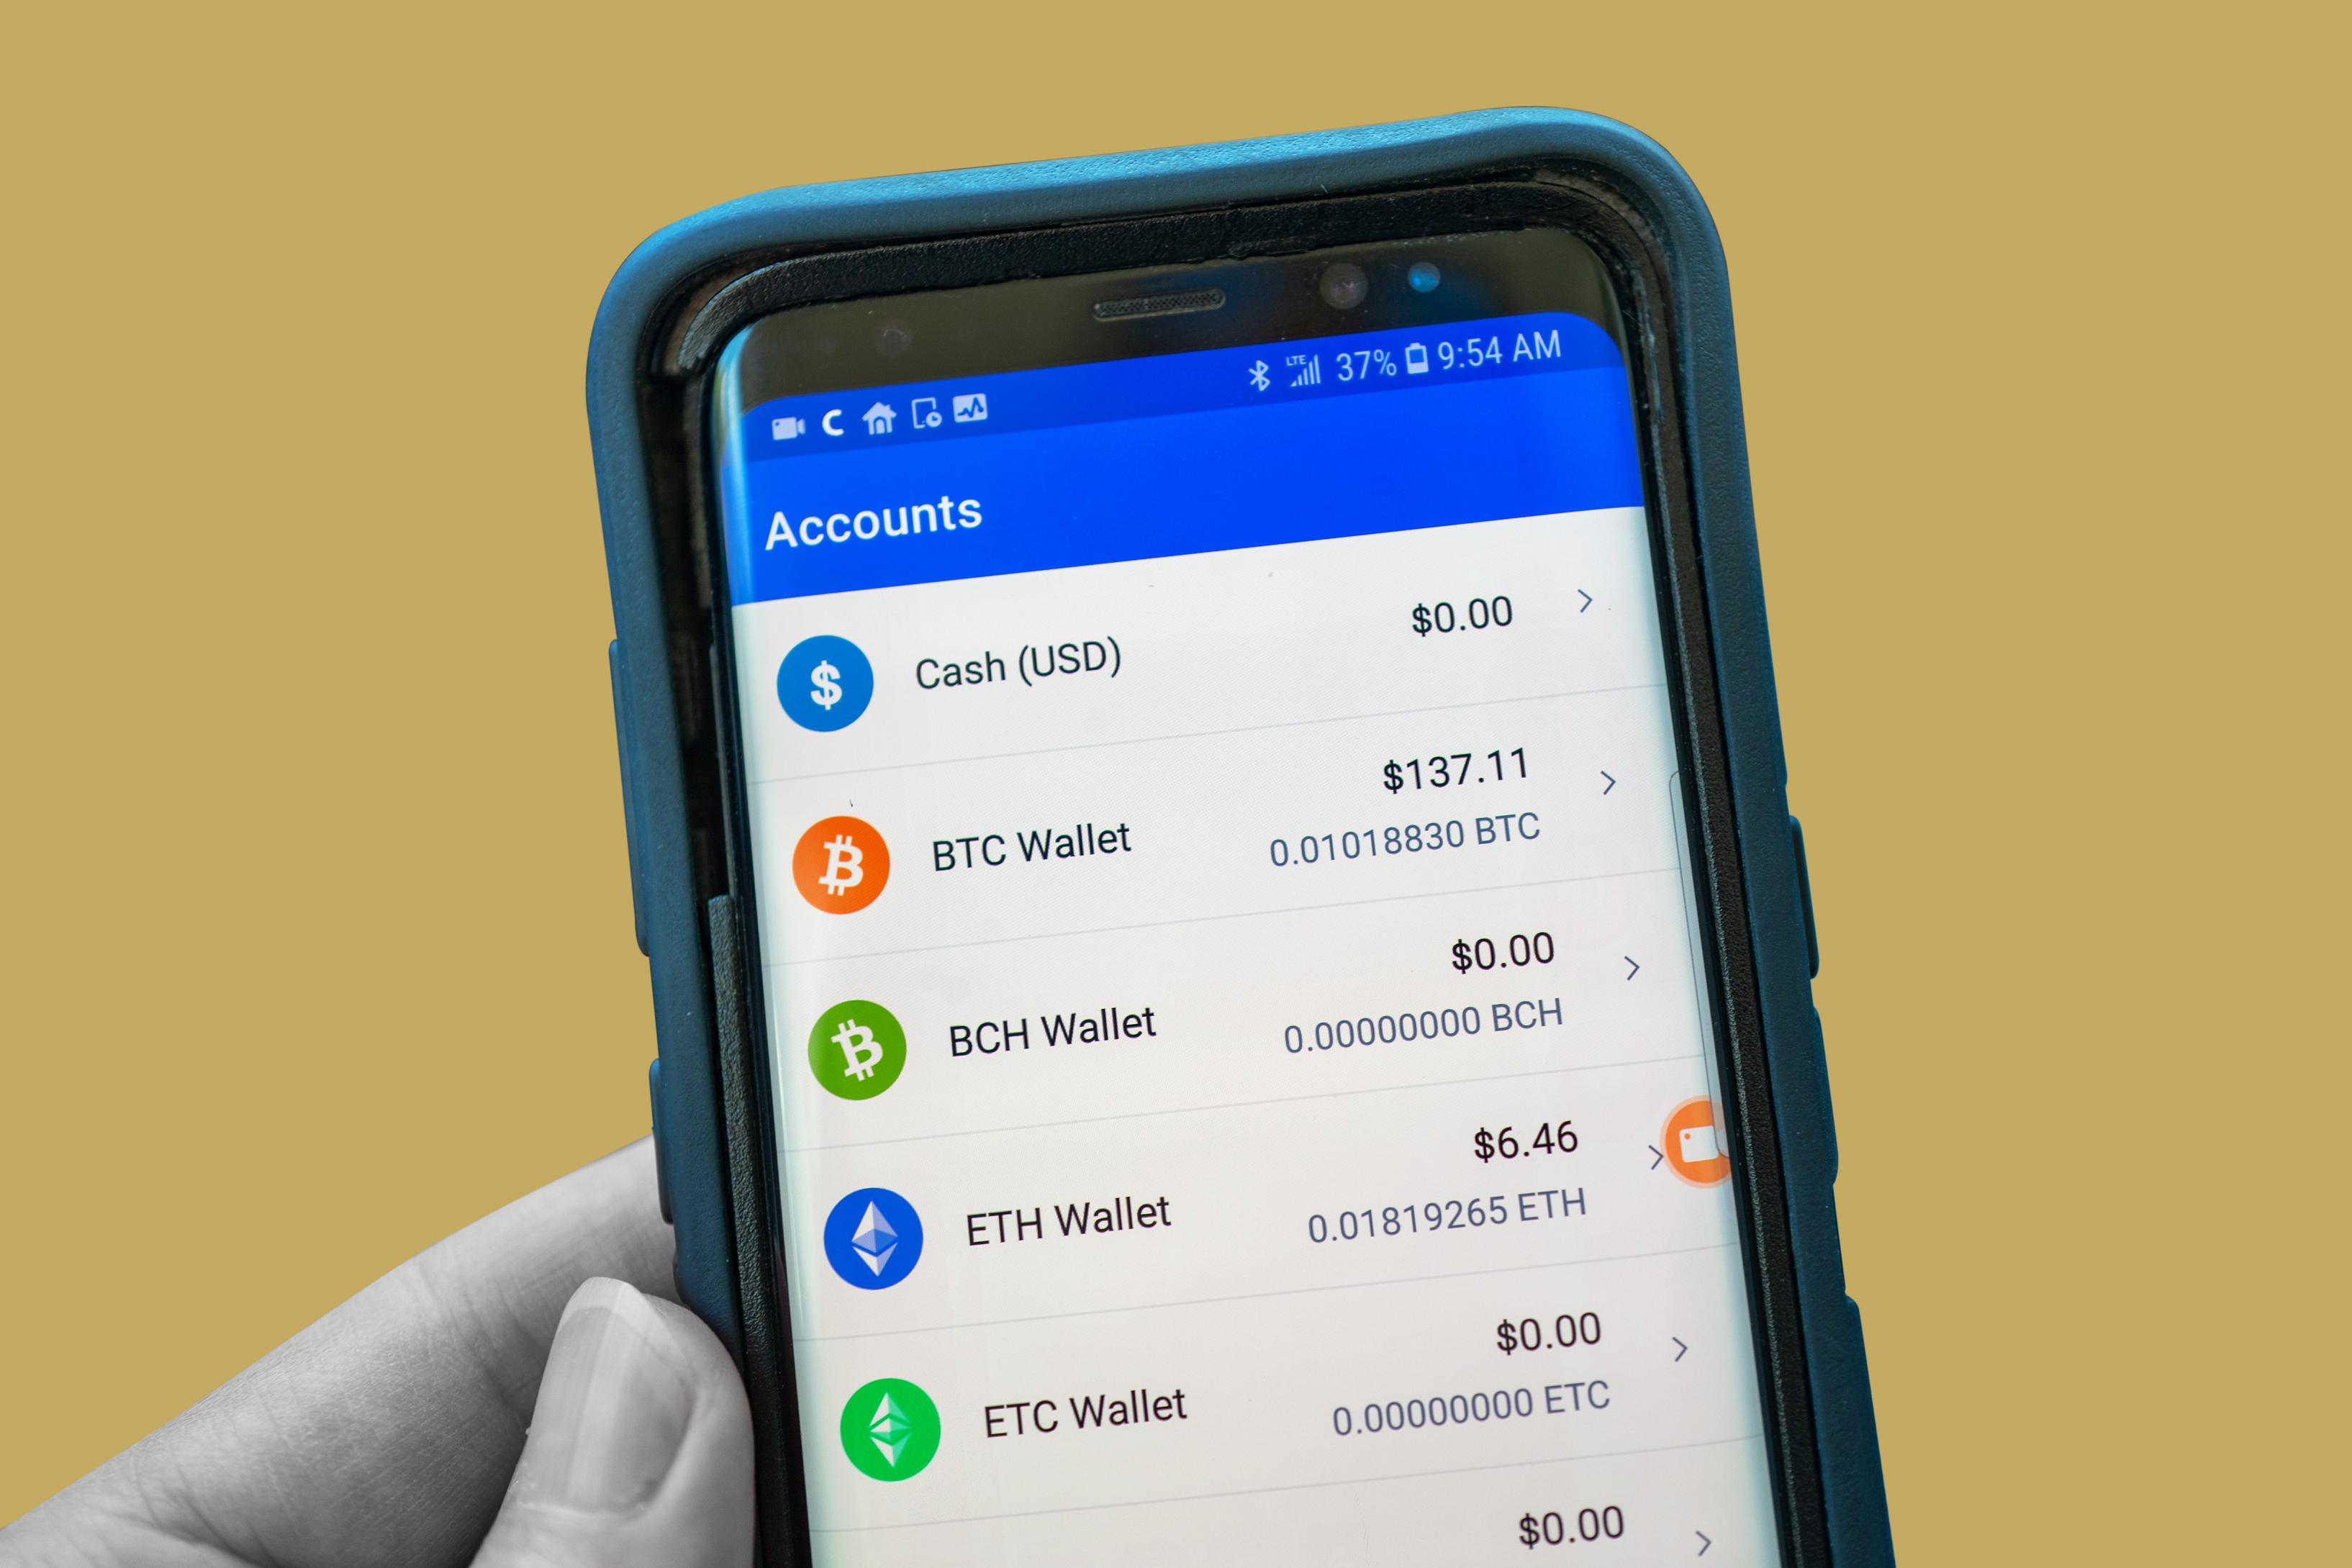 experiențe de trader crypto cum 2 câștiga bani rapid on-line pentru 15 ani